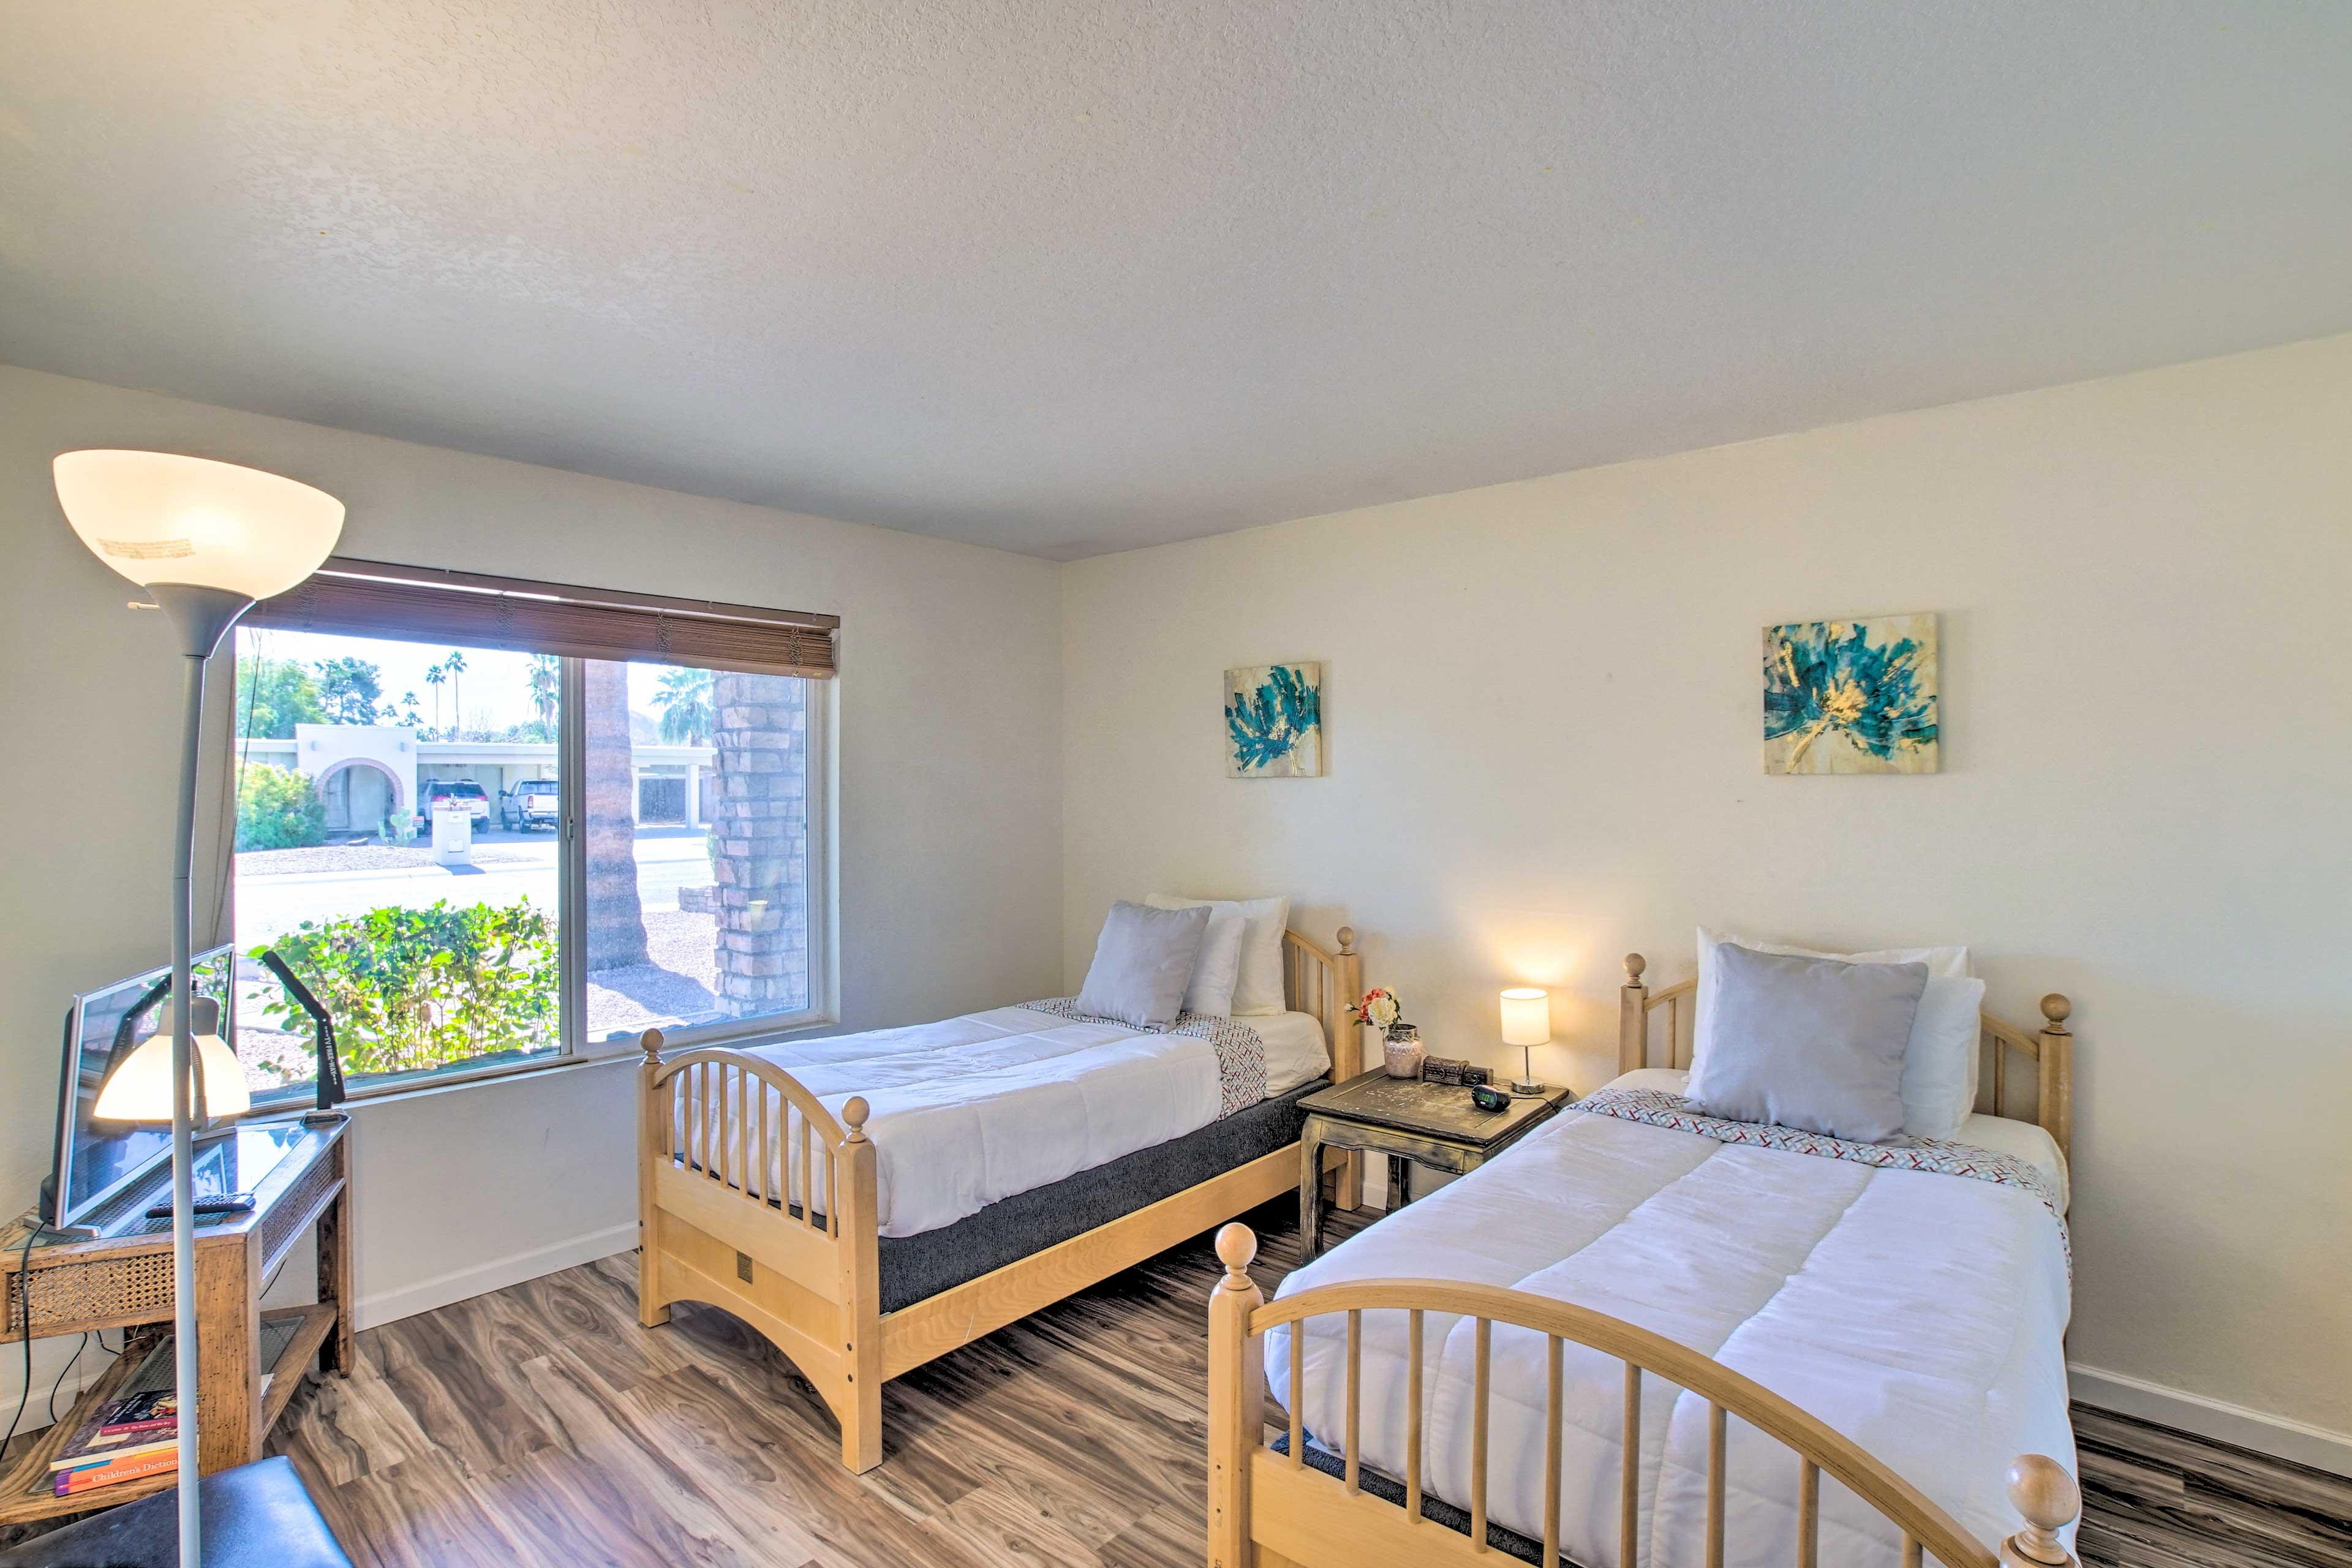 Bedroom 4 | 2 Twin Beds